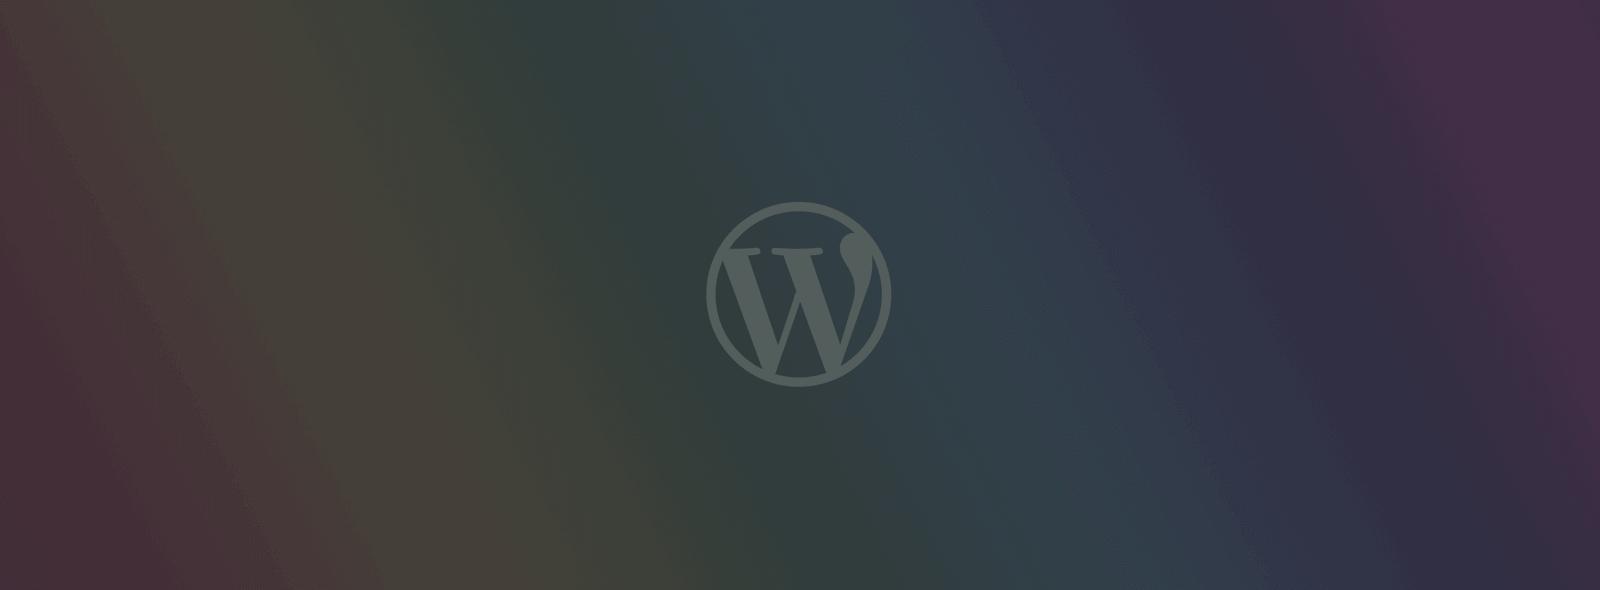 Consultoria na Administração do WordPress